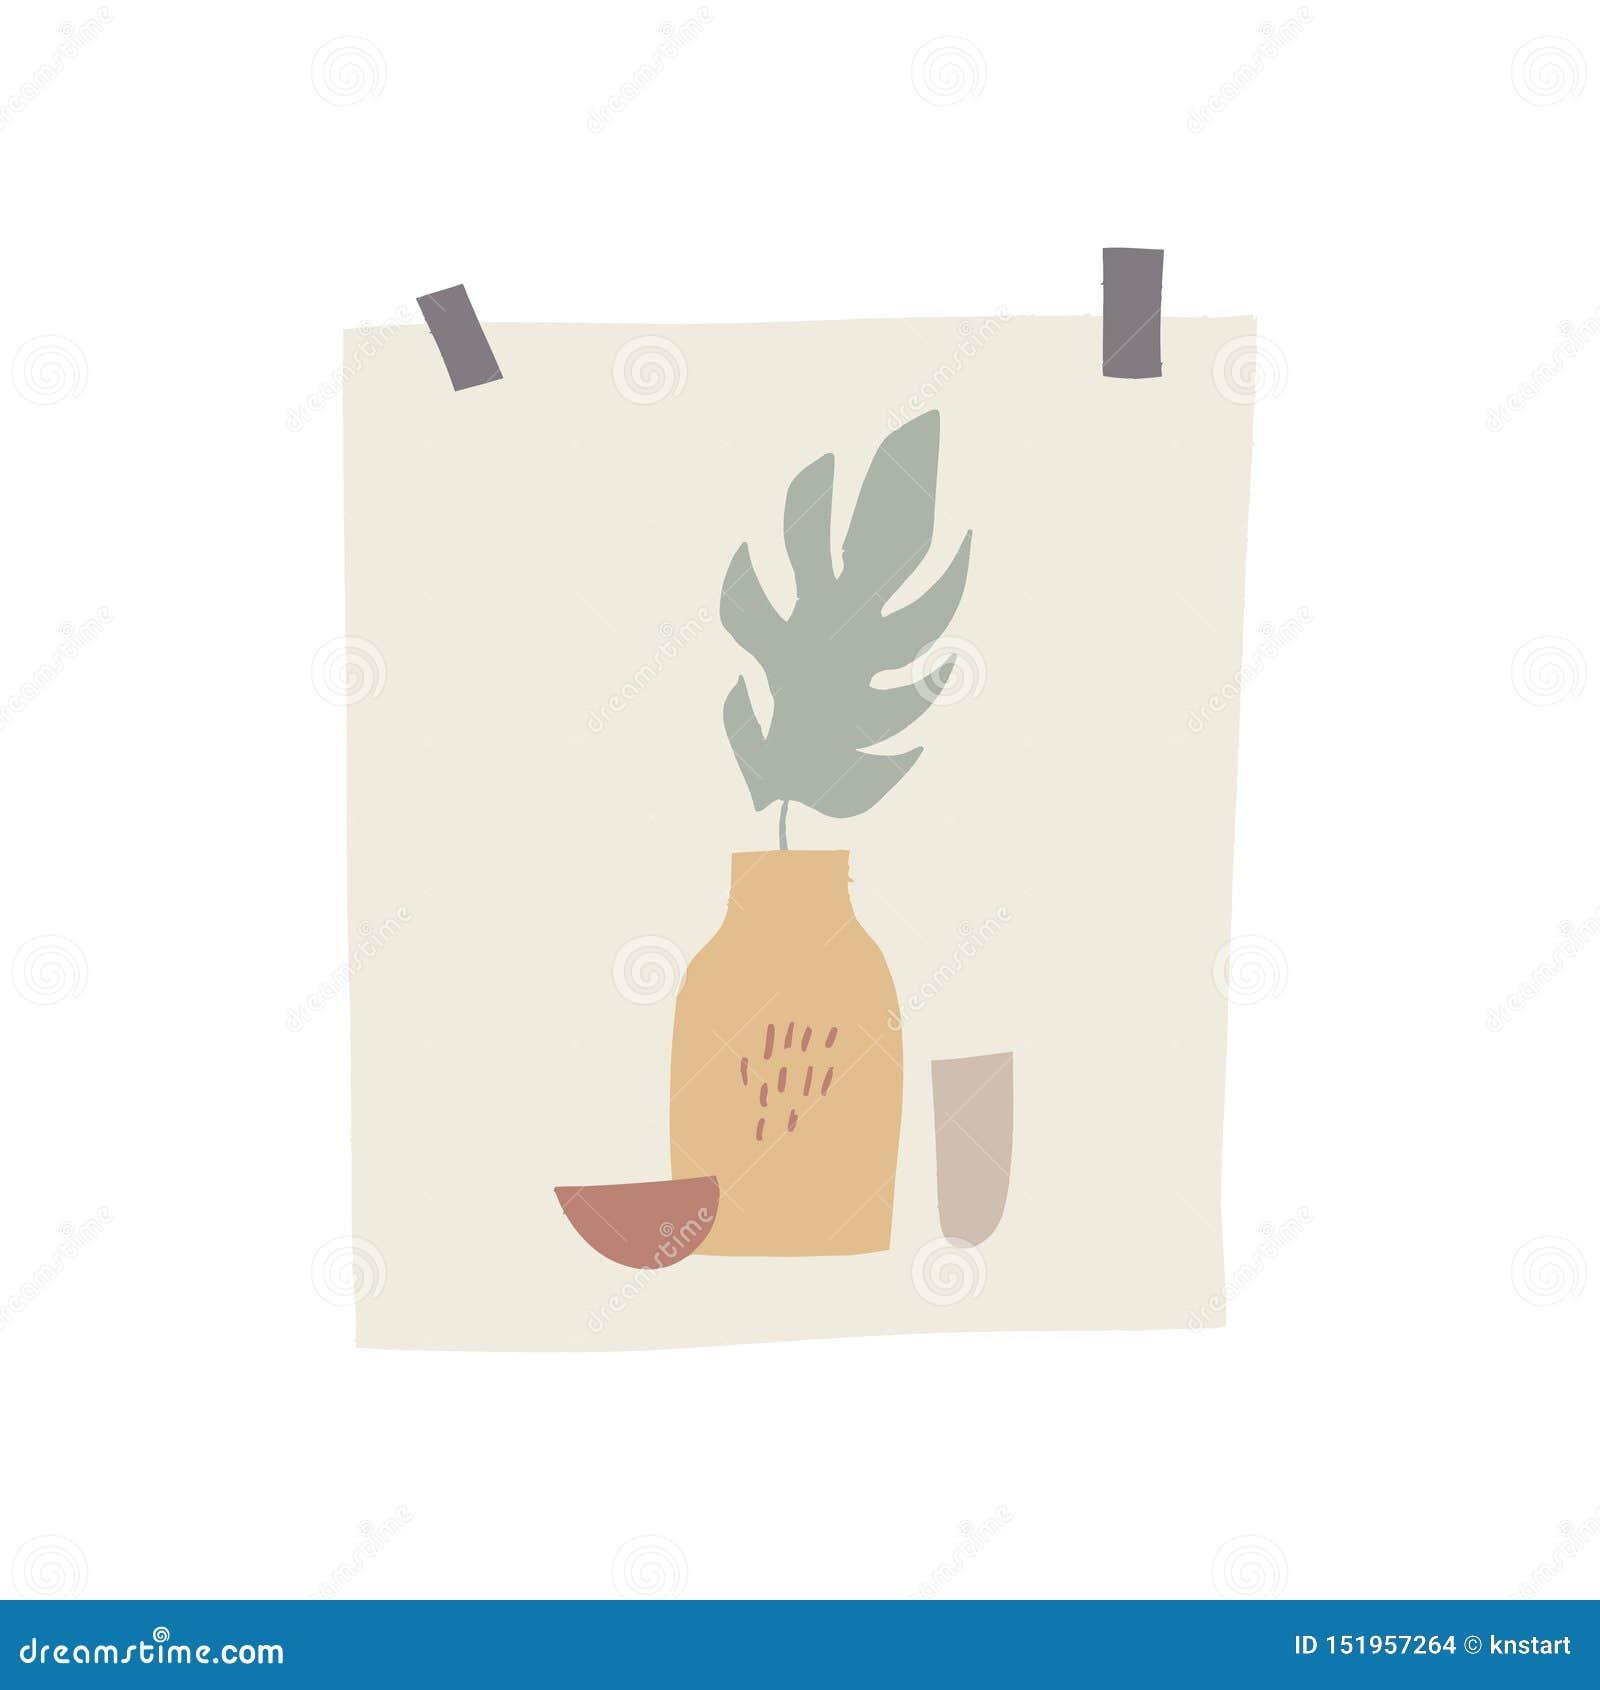 Primavera o elemento del tablero del humor del verano Decoración de moda en estilo escandinavo, postal exhausta de la mano con la